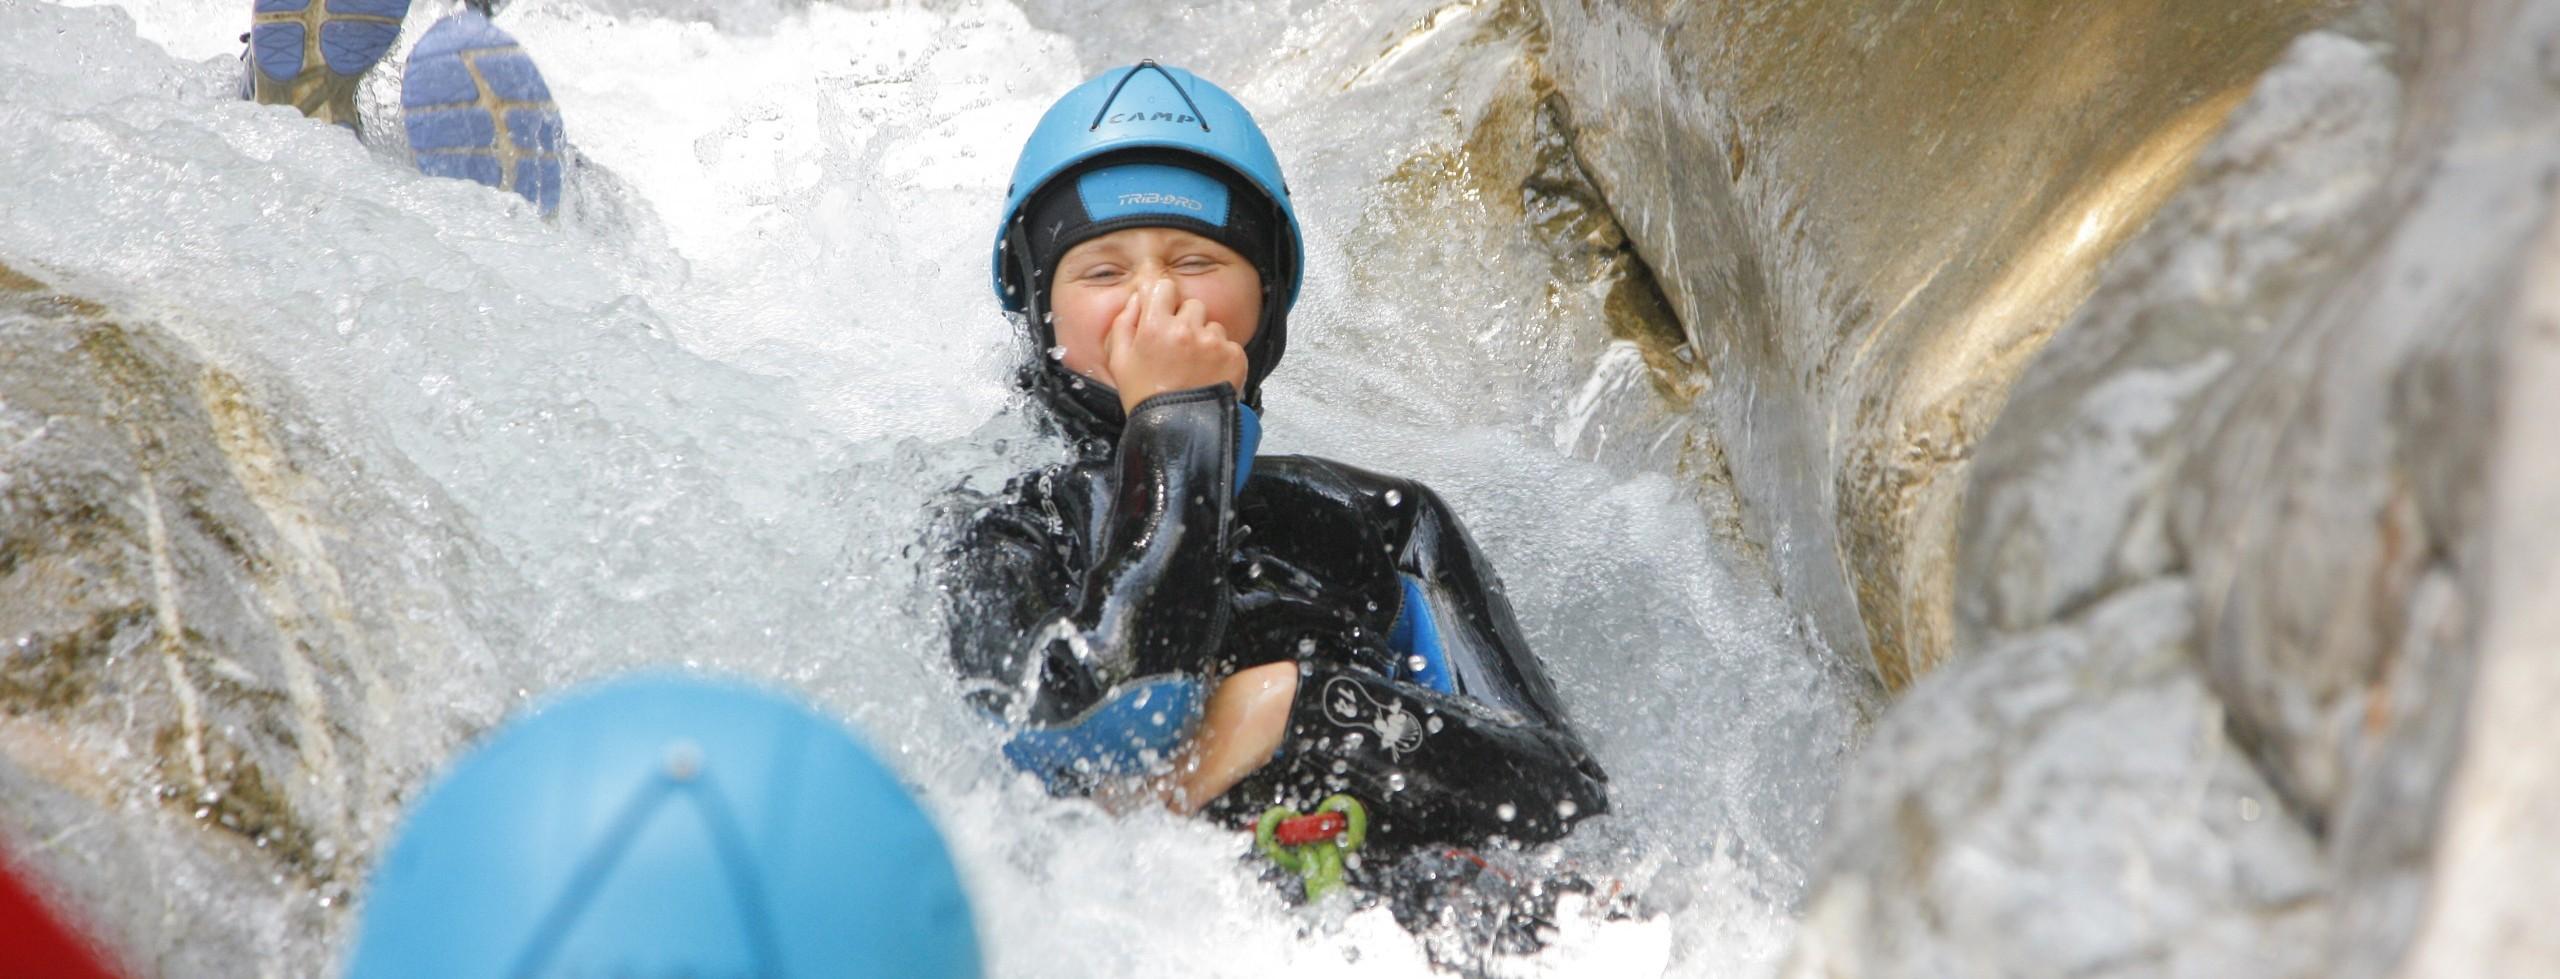 Canyoning dans les Hautes-Alpes dès 6 ans!